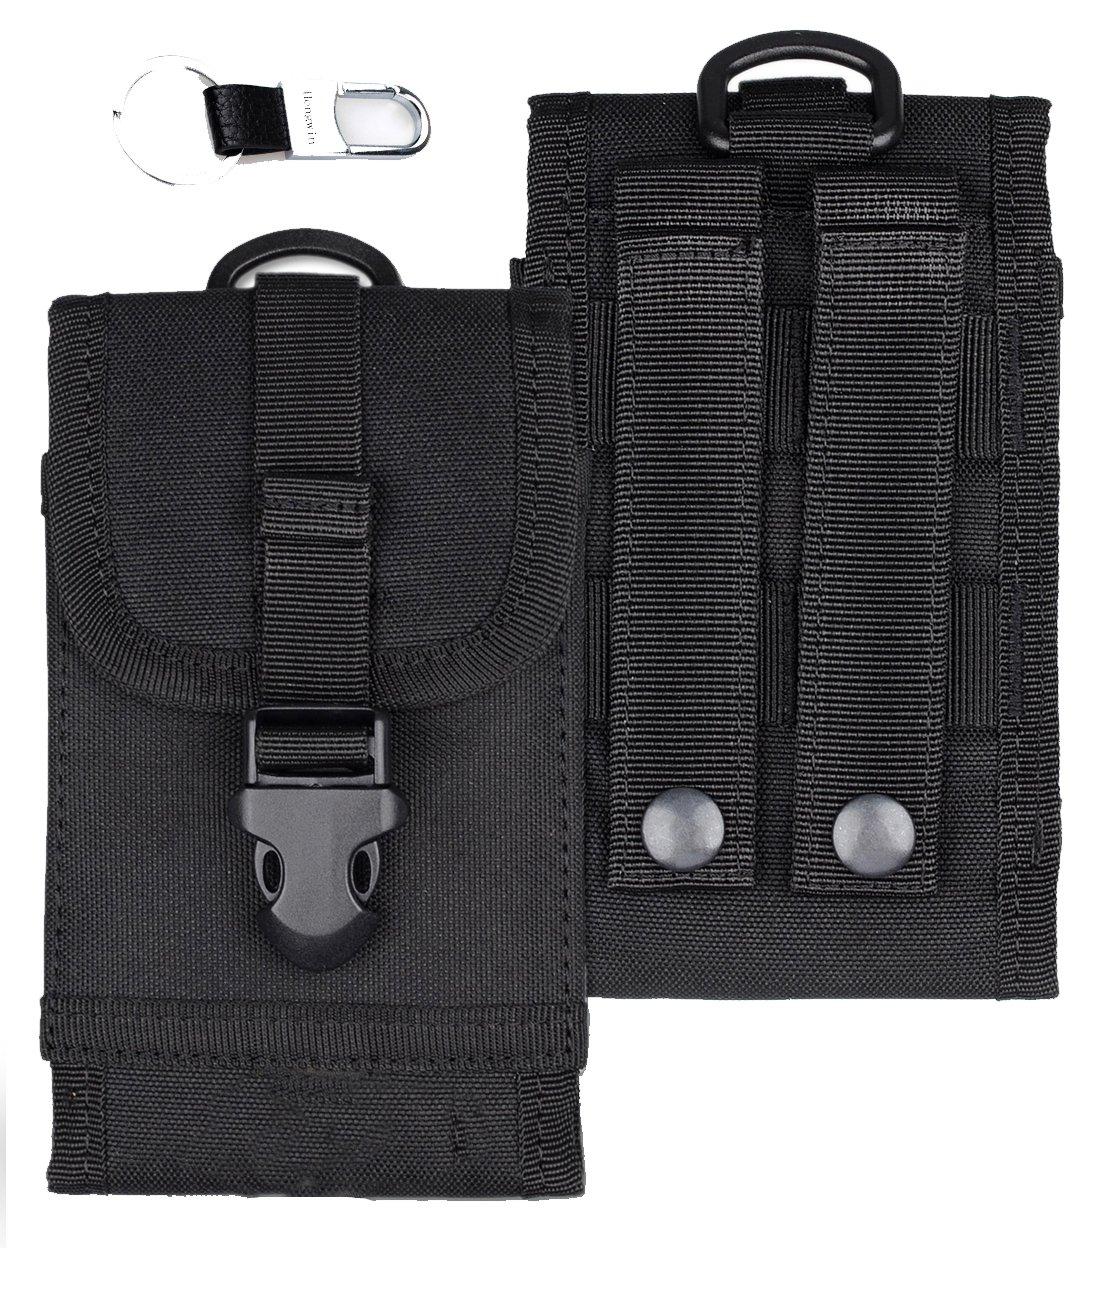 Hengwin Belt Clip Pouch, MOLLE Tactical Smartphone Holster Nylon Waist Bag Carrying Case Compatible iPhone 8 Plus 7 Plus 6 Plus Money Pocket Purse Samsung S8 Plus S7 Edge Plus LG G6/G5+Keychain-Black